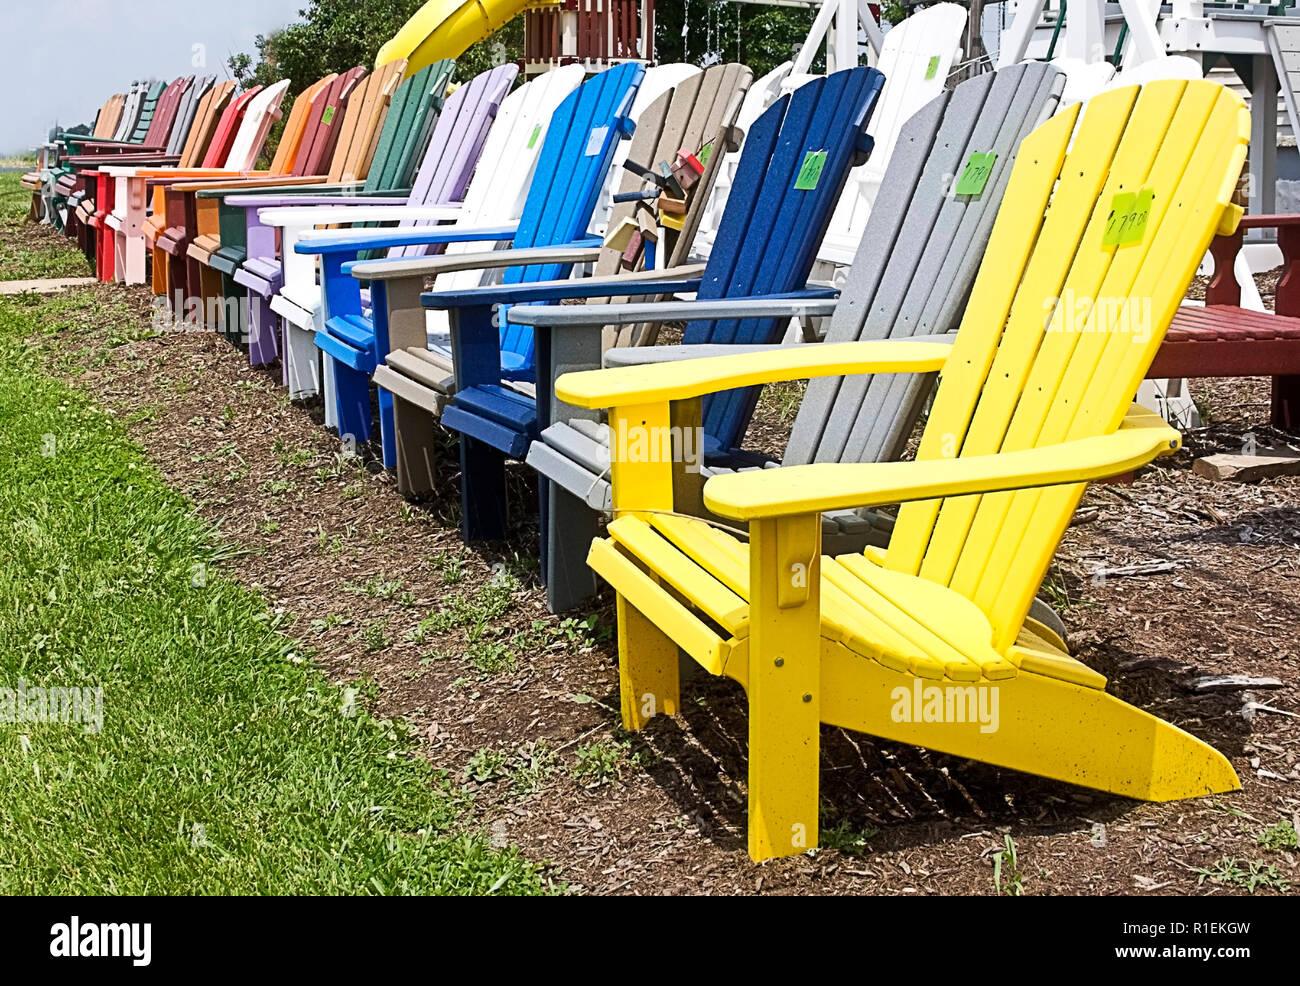 Bunte Palette An Holz Rasen Adirondack Stuhle Am Strassenrand Fur Verkauf Durch Private Eigentumer Stockfotografie Alamy